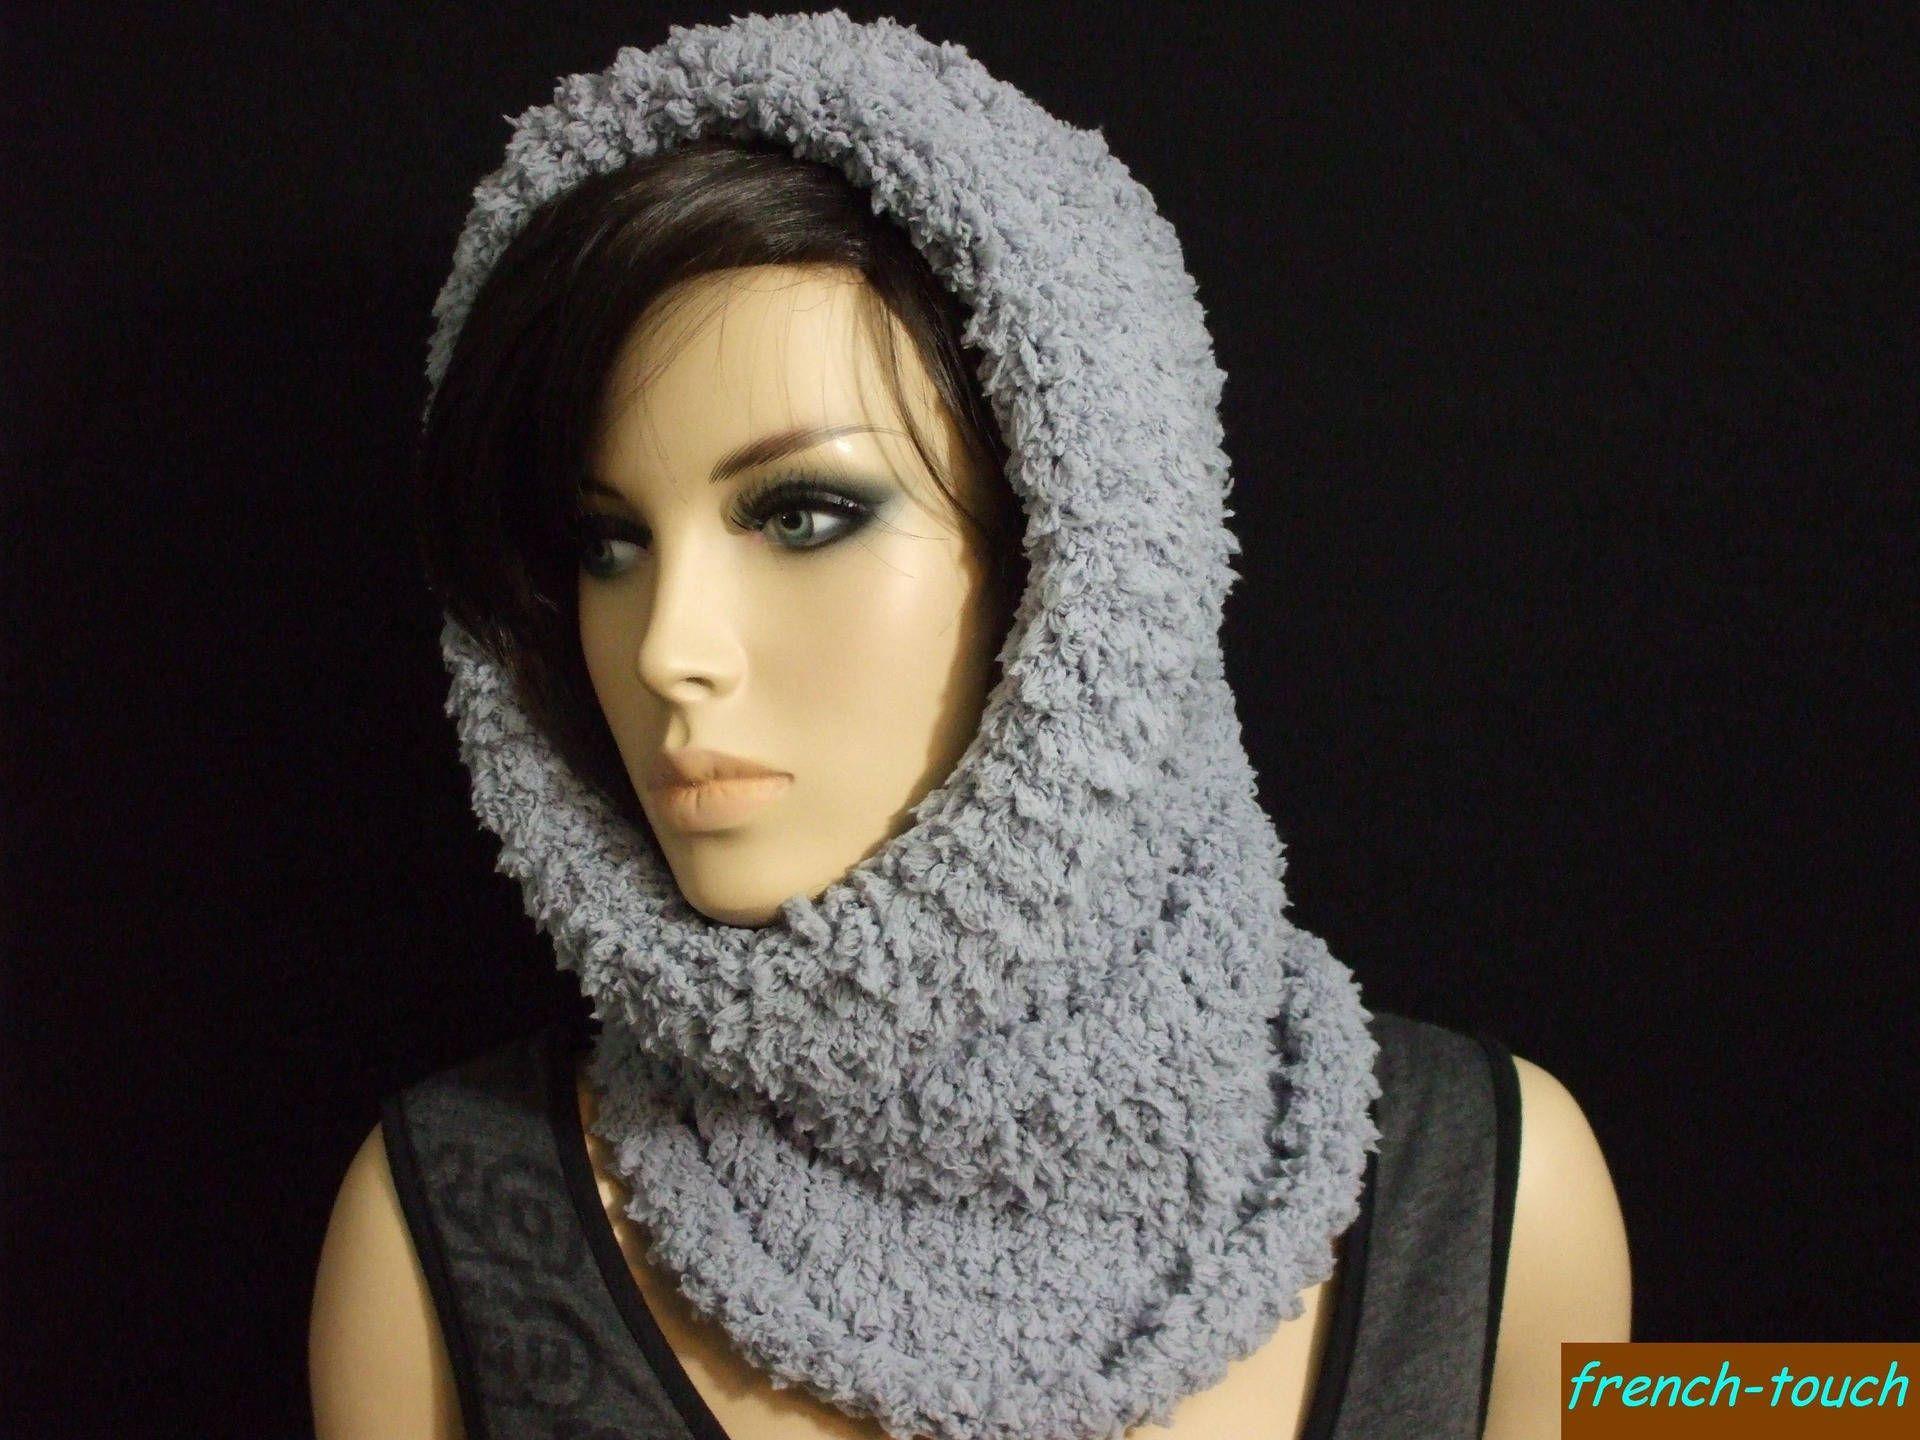 cc49c18c7a9 capuche bonnet snood gris en laine fourrure réversible pour femme ou ado  fille-accessoire mode